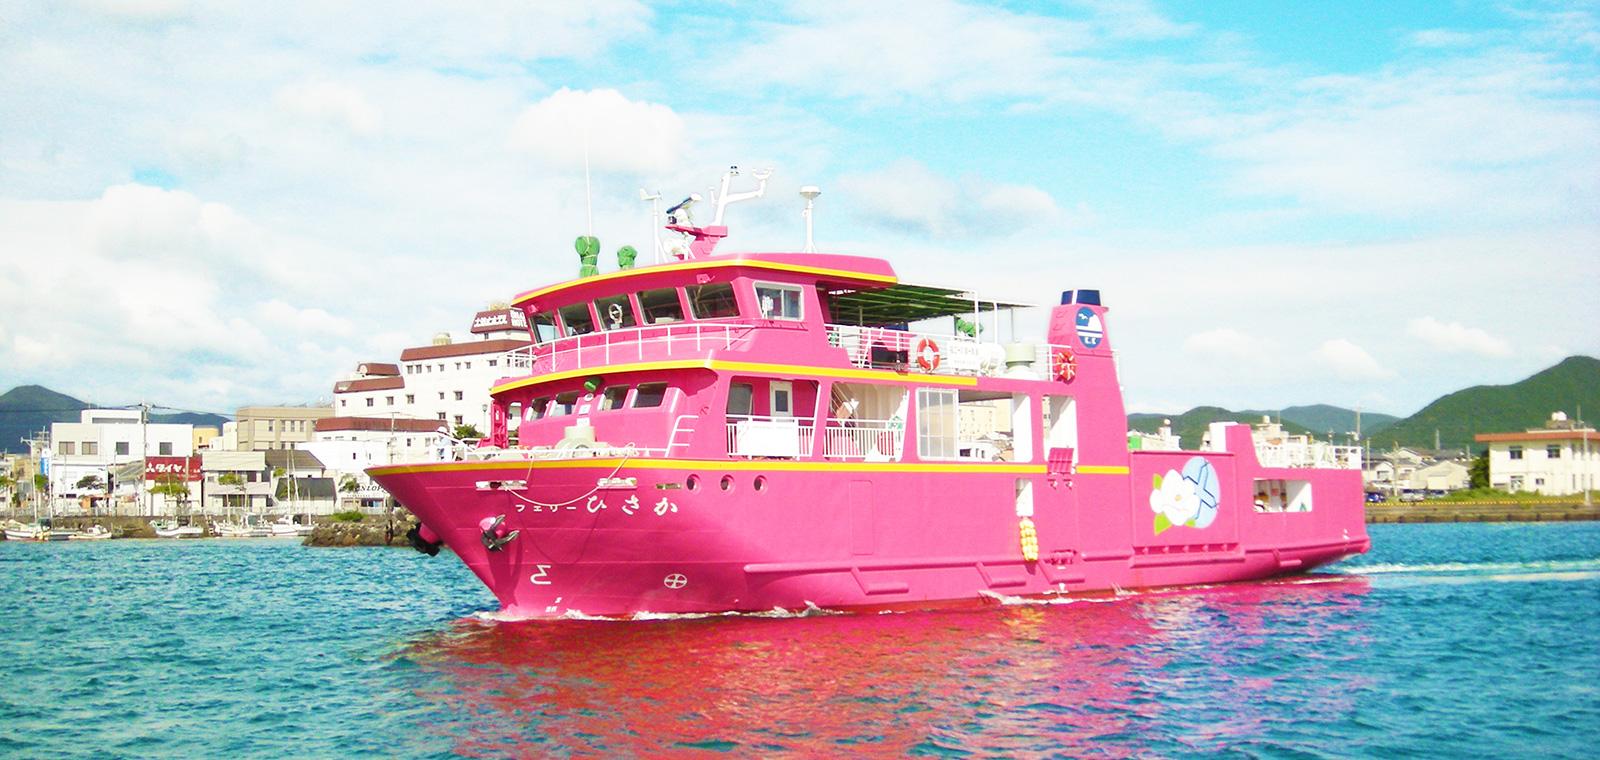 久賀島、椛島をつなぐ二次離島の足【フェリーひさか】